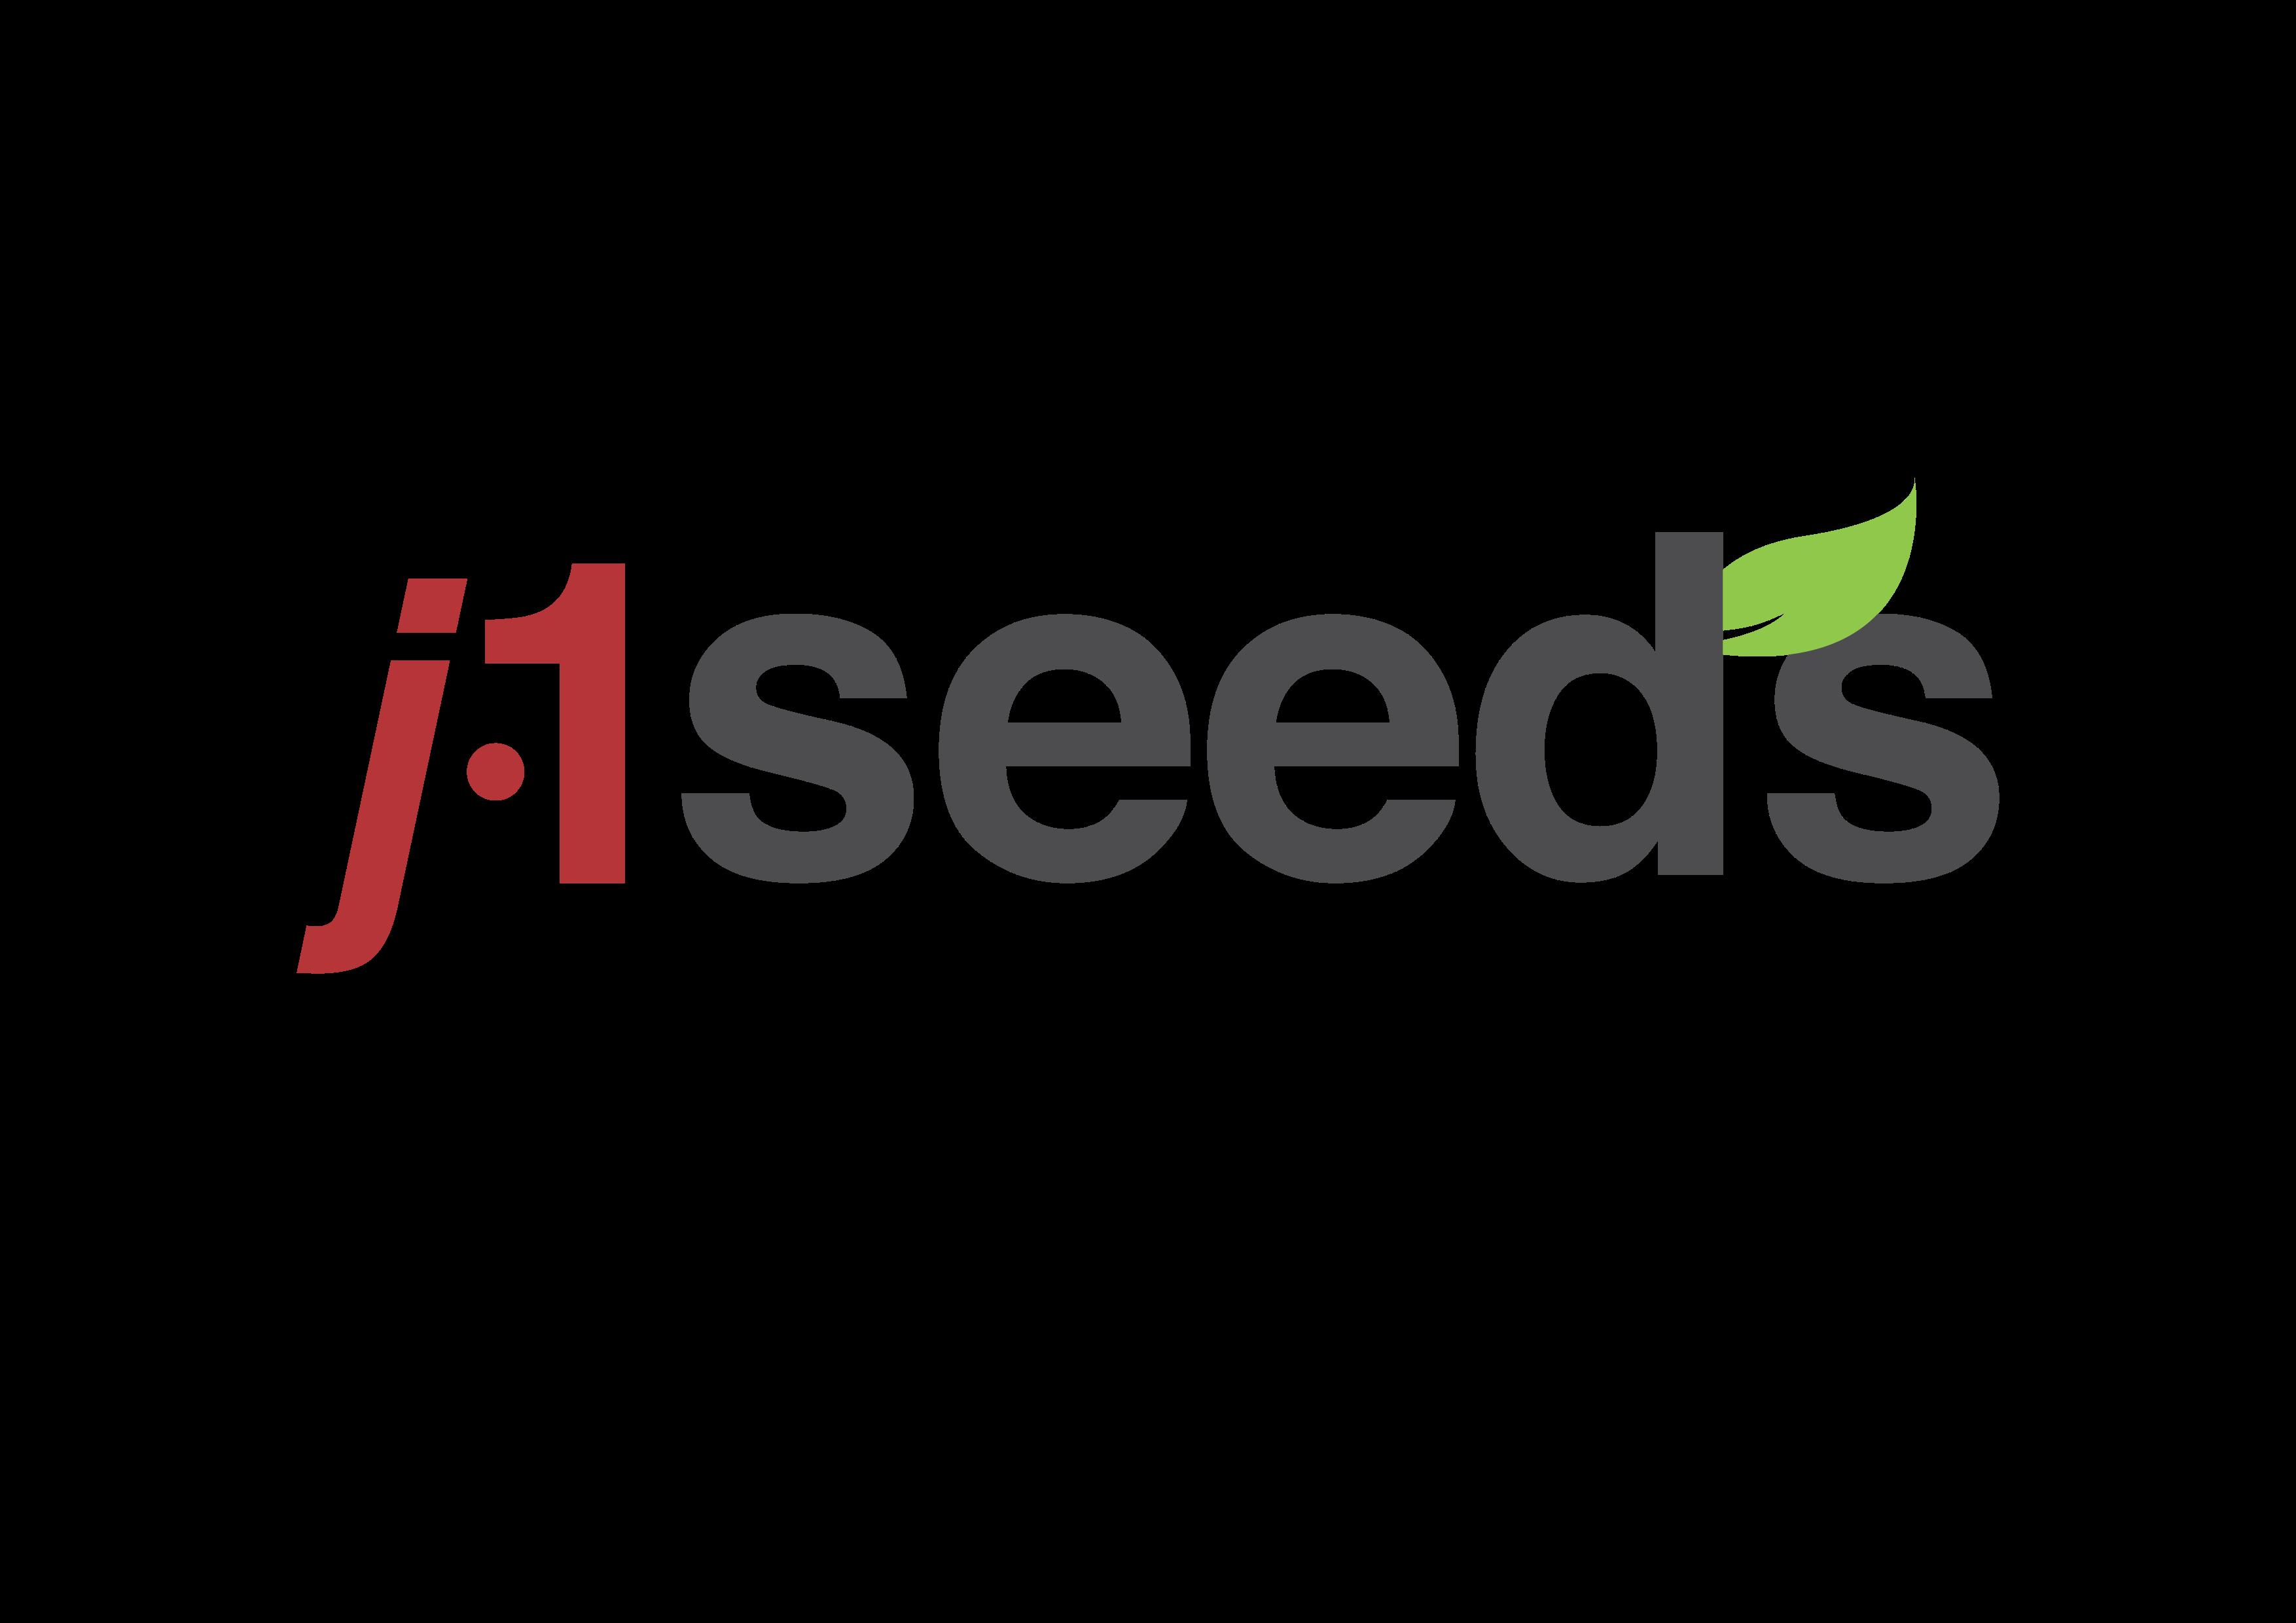 J1 Seeds